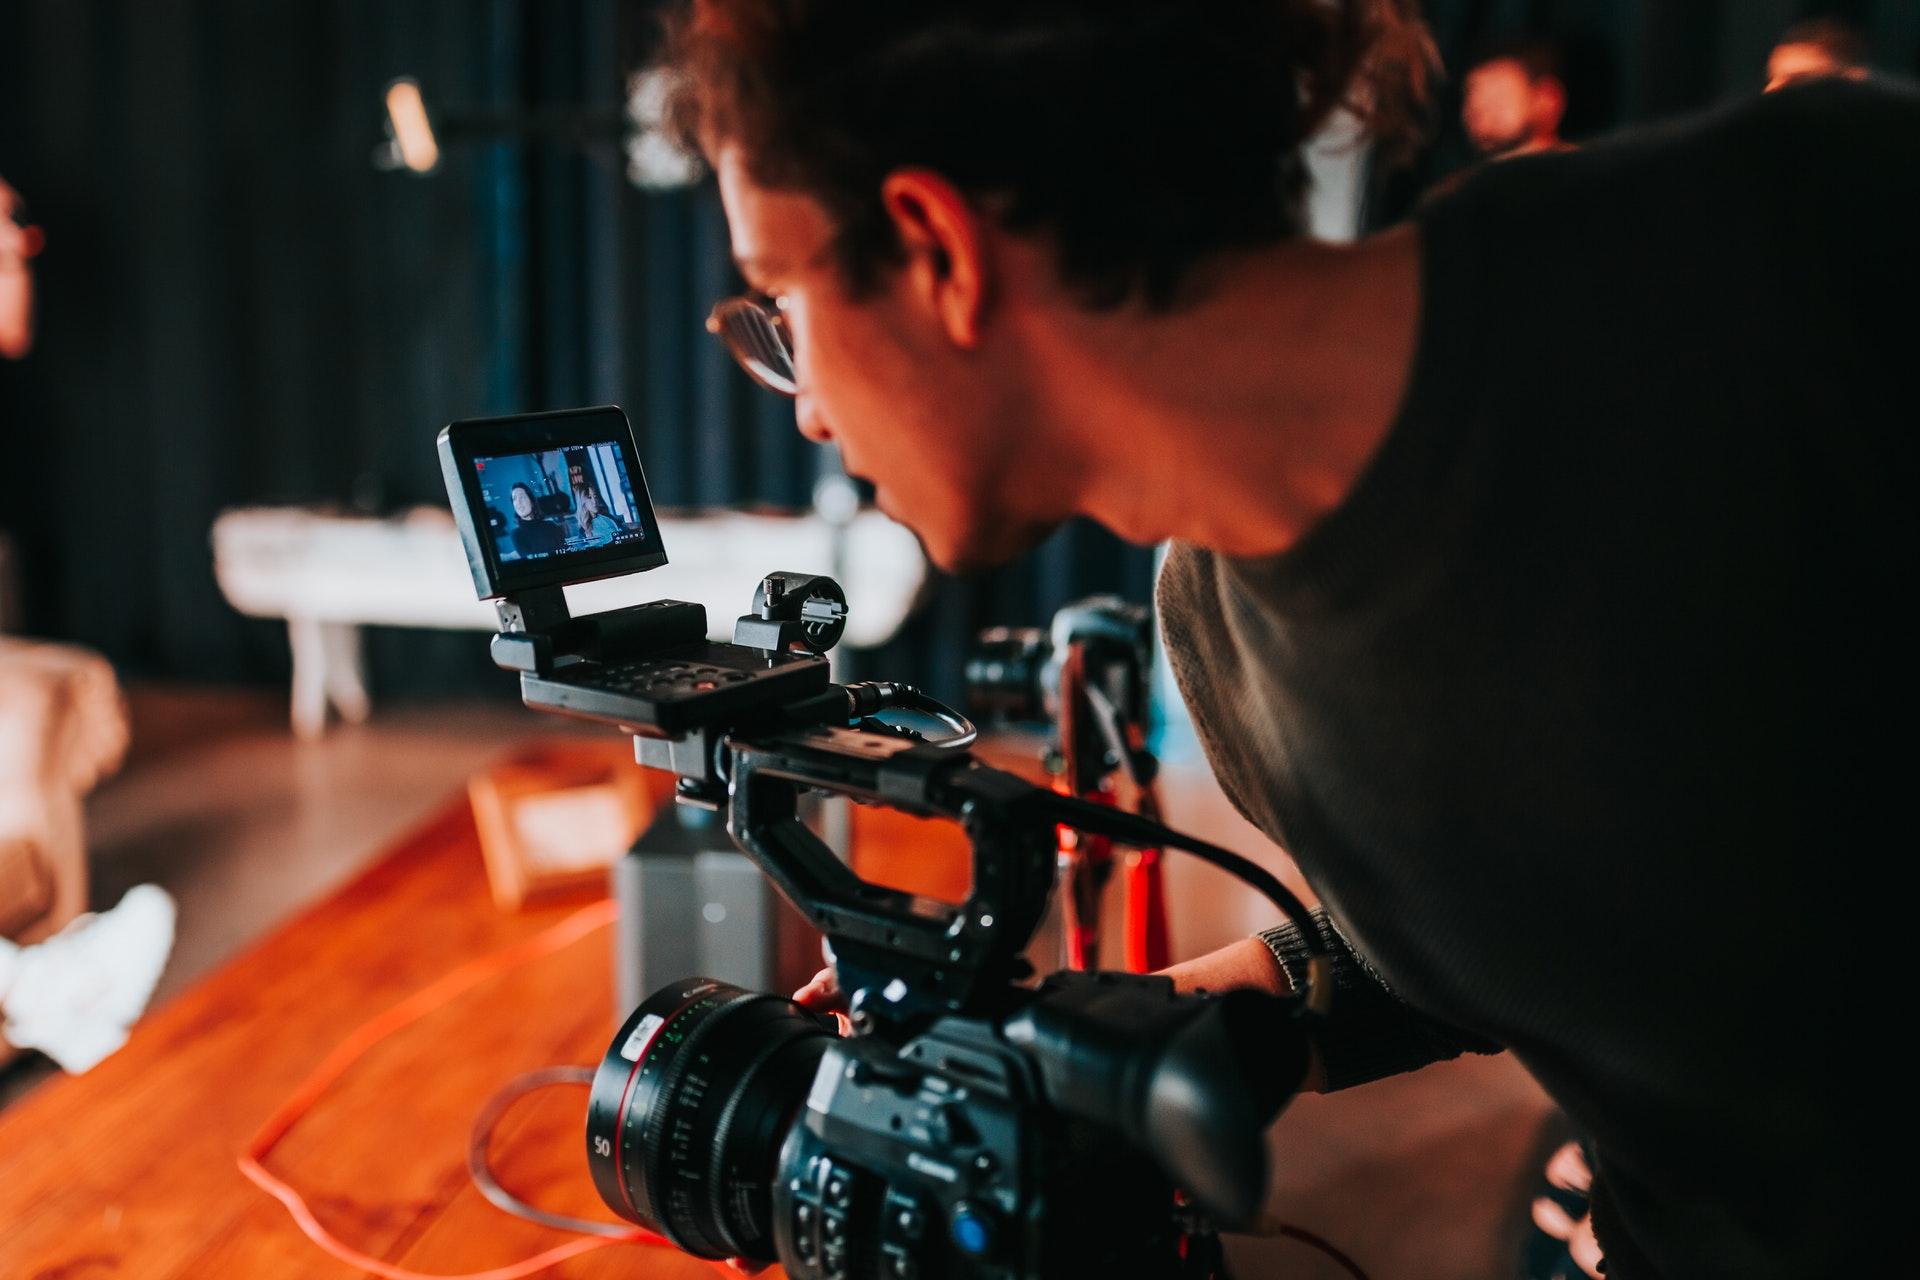 Optimiser son ROI grâce à la vidéo